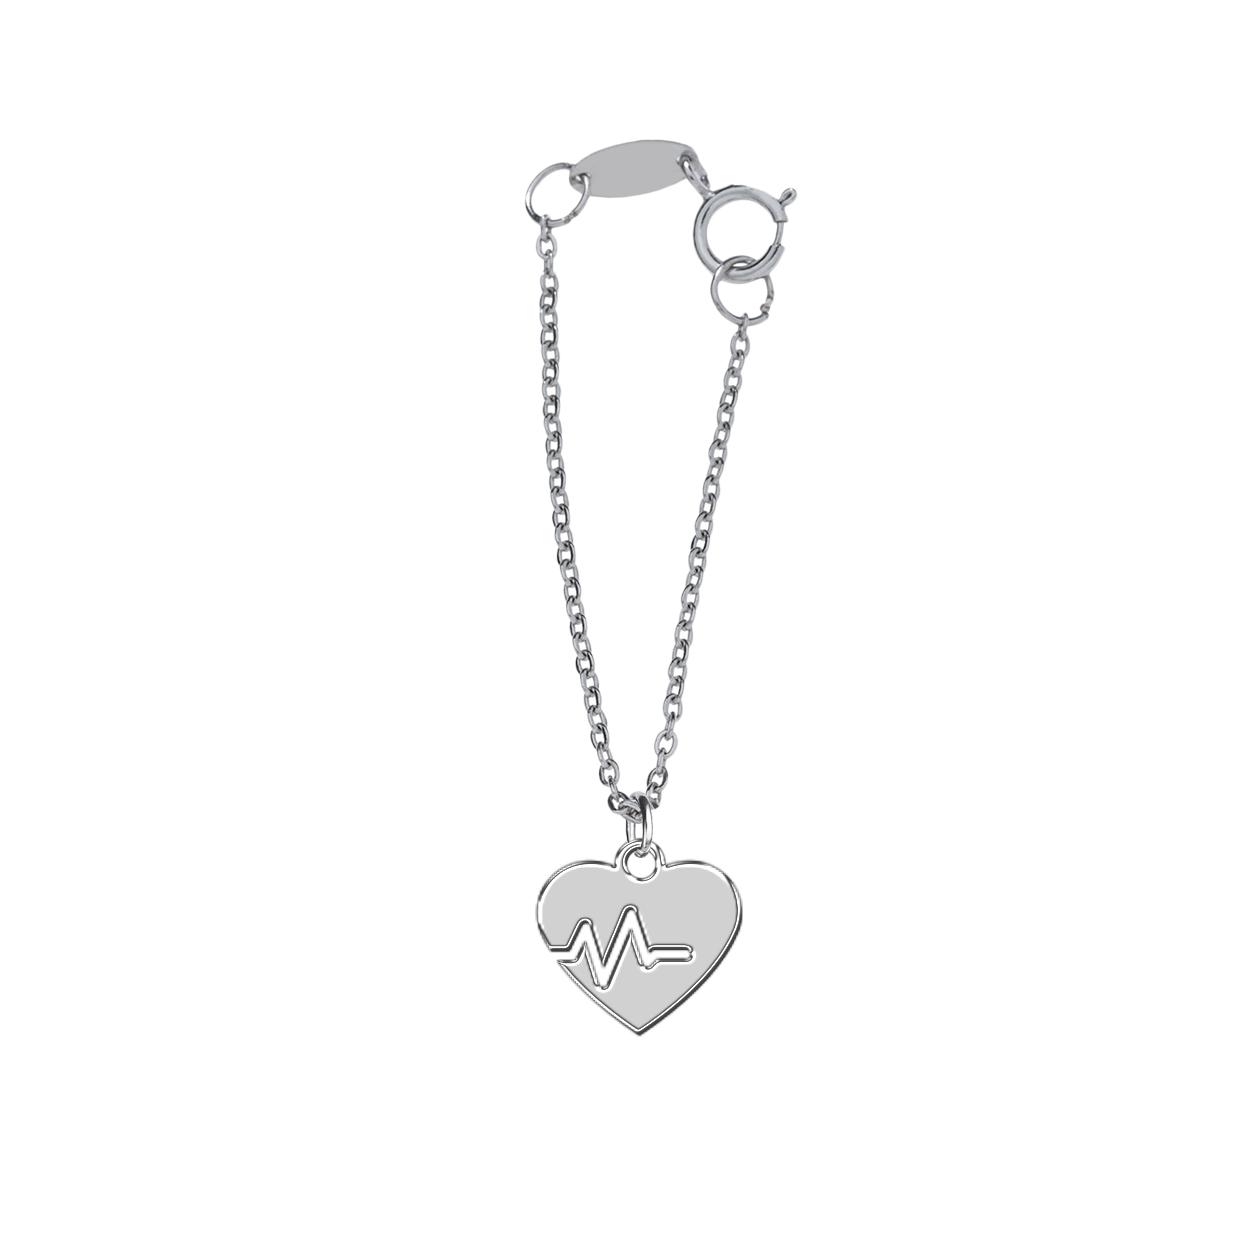 آویز ساعت نقره ترمه1 طرح قلب کد E354